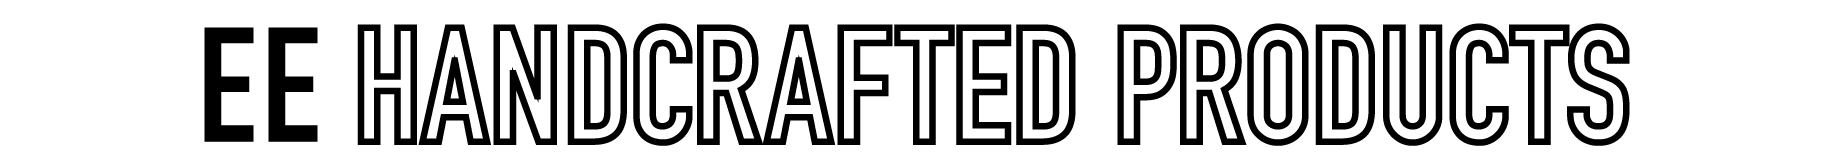 eehcp_logo2.png